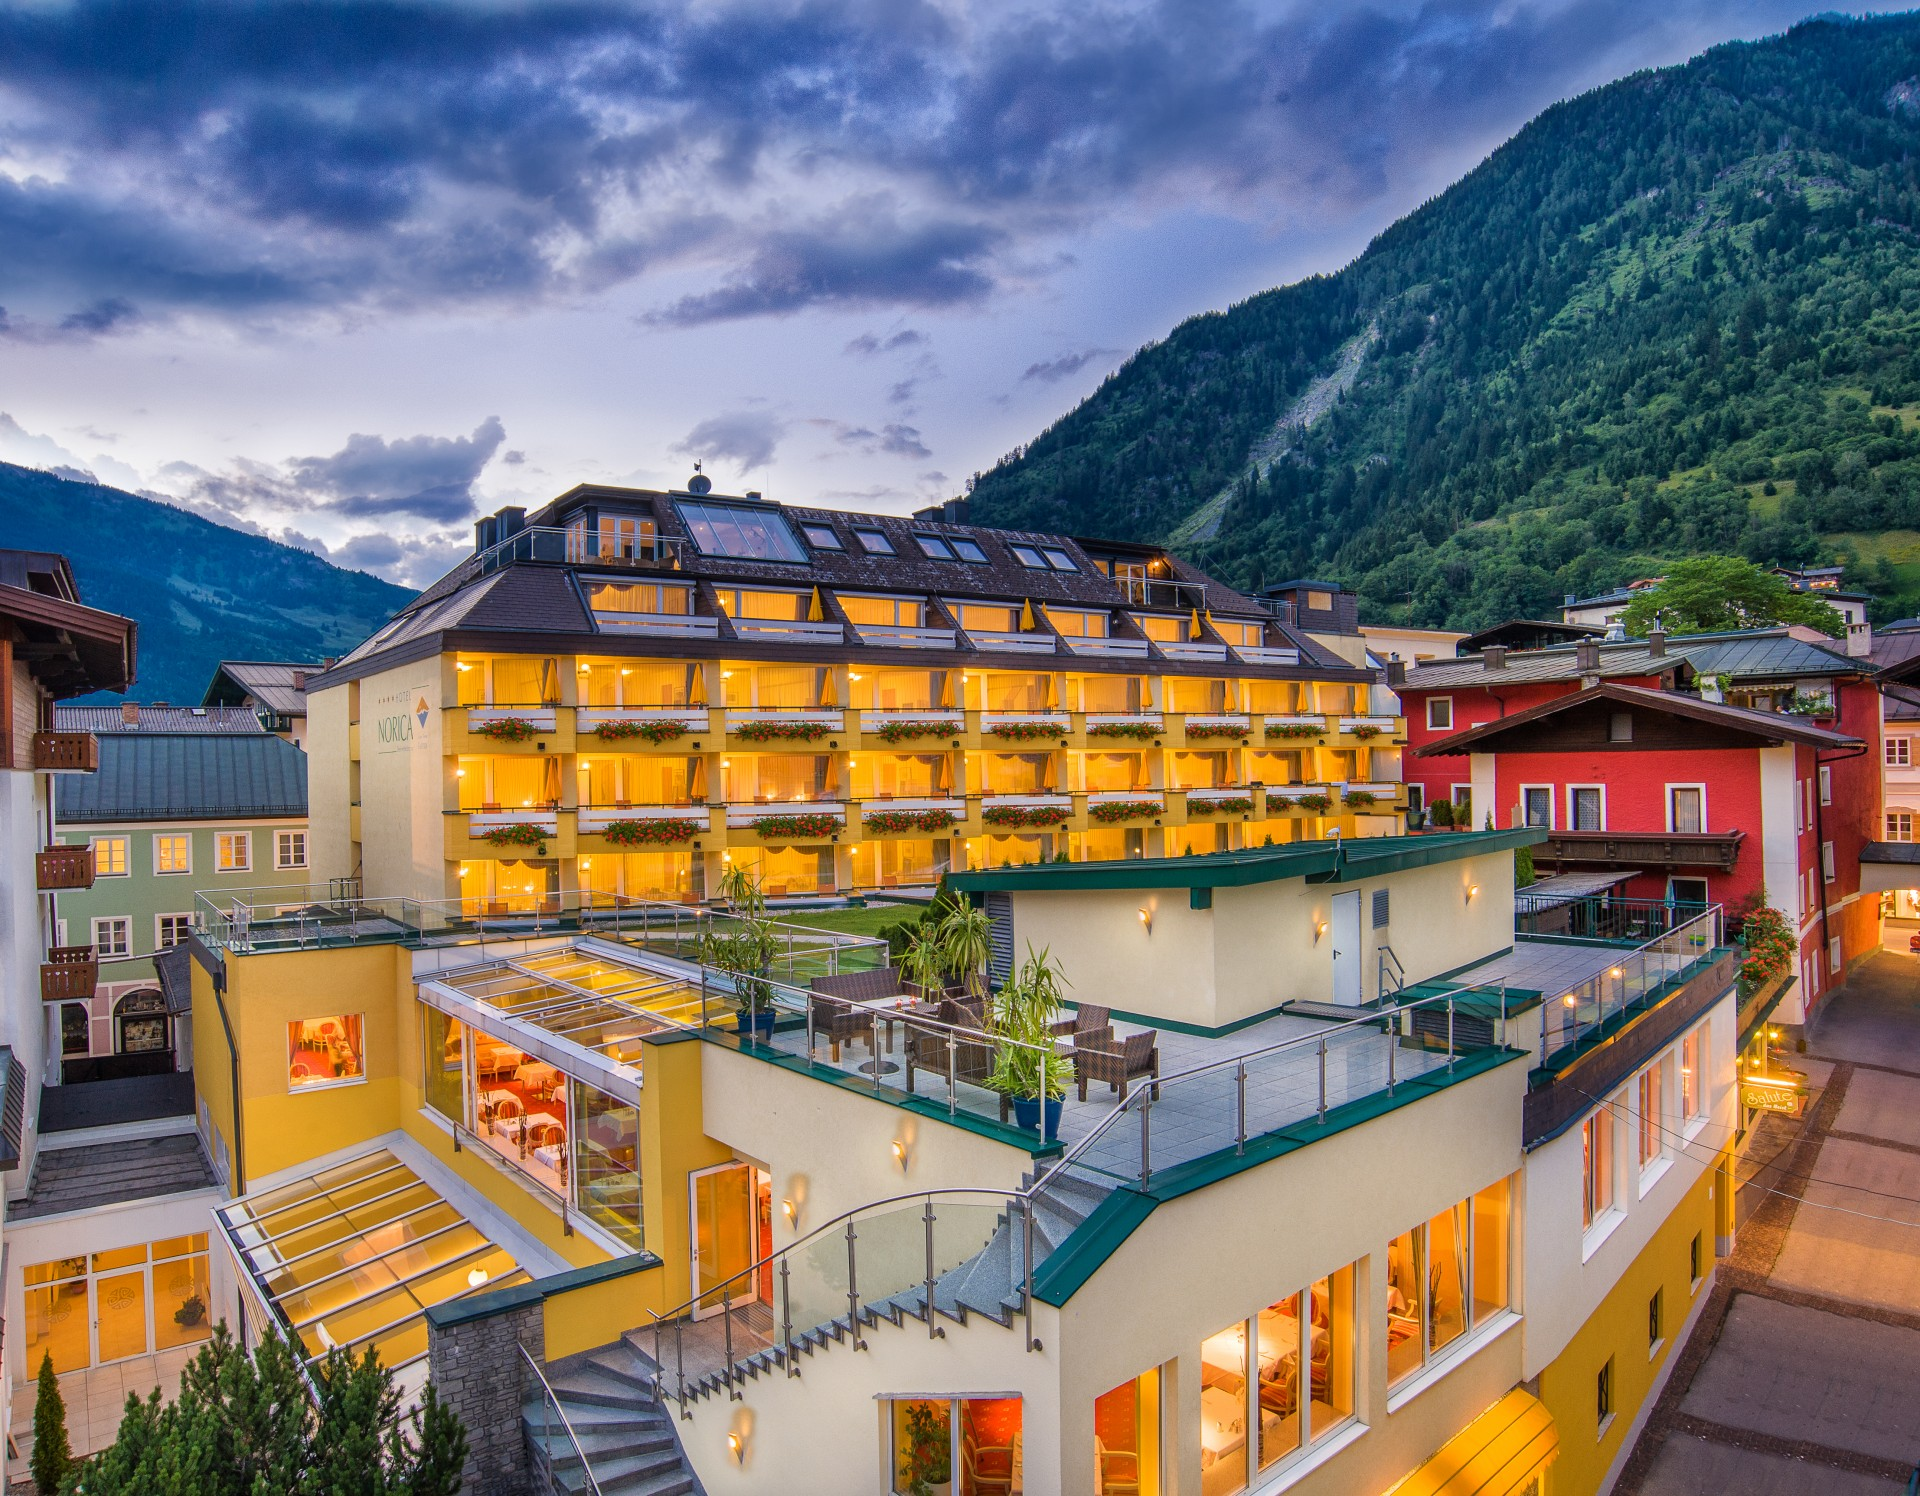 Hotel Hofgastein